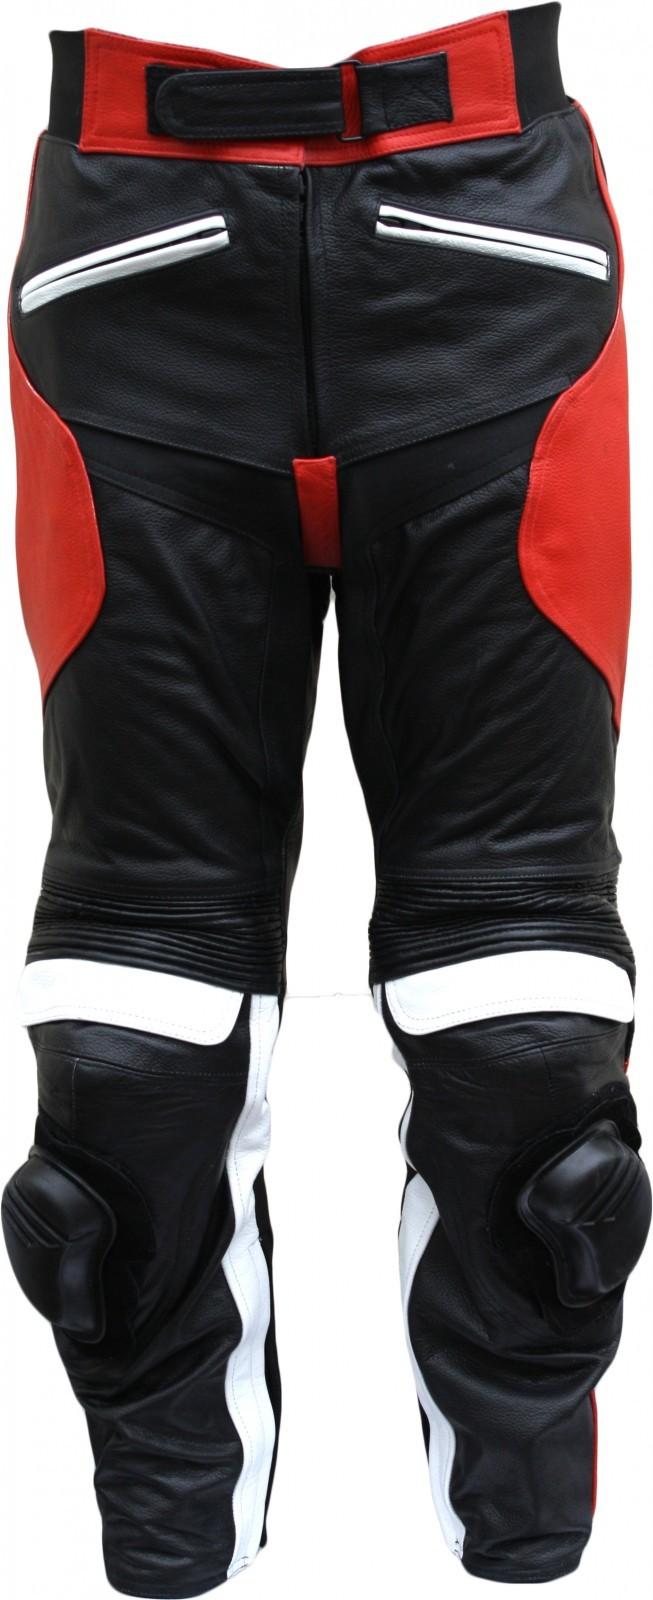 damen motorradhose motorrad biker racing lederhose. Black Bedroom Furniture Sets. Home Design Ideas